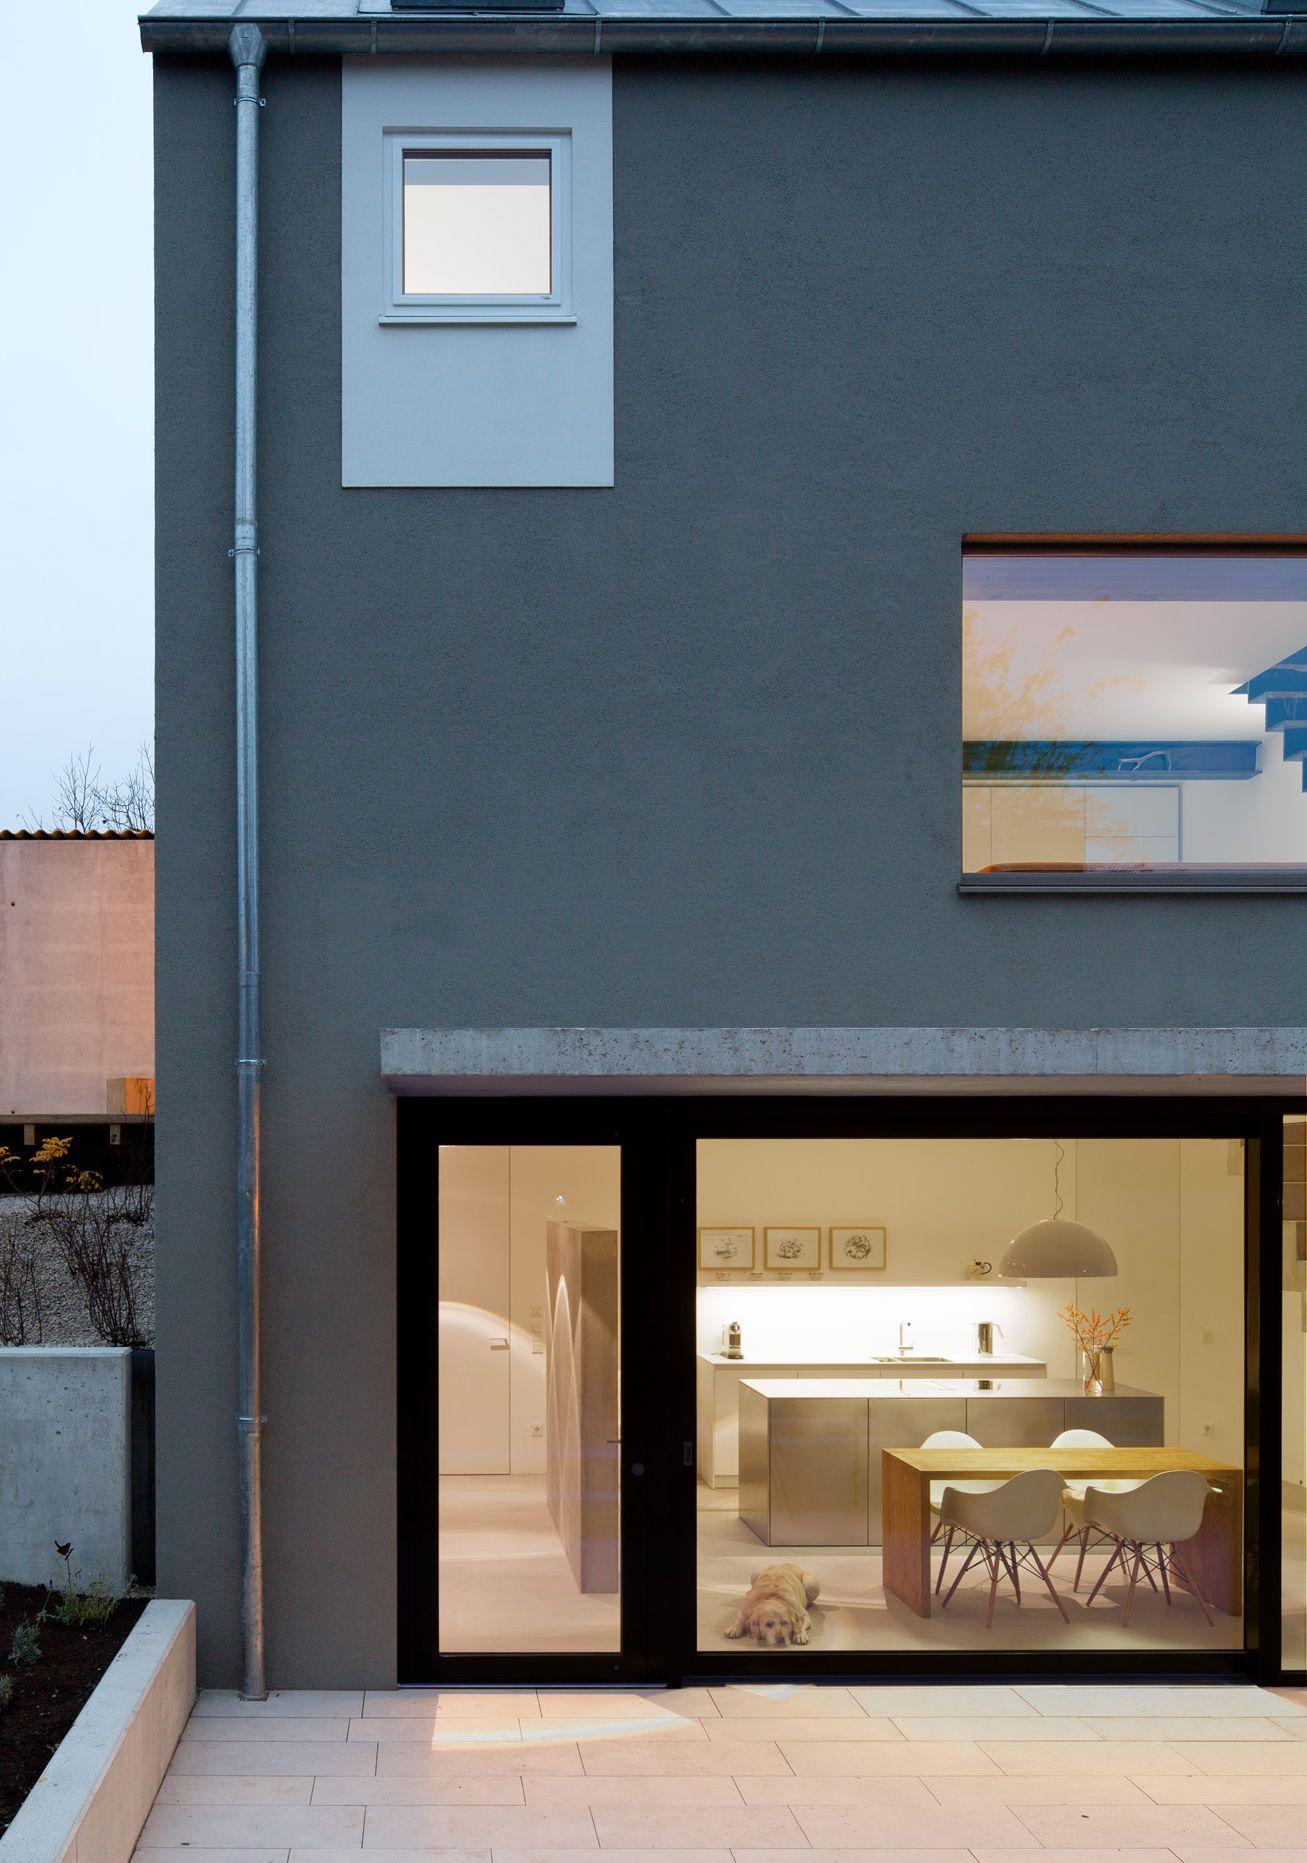 Vordach Beton minimalistische fassade mit beton vordach bauemotion de